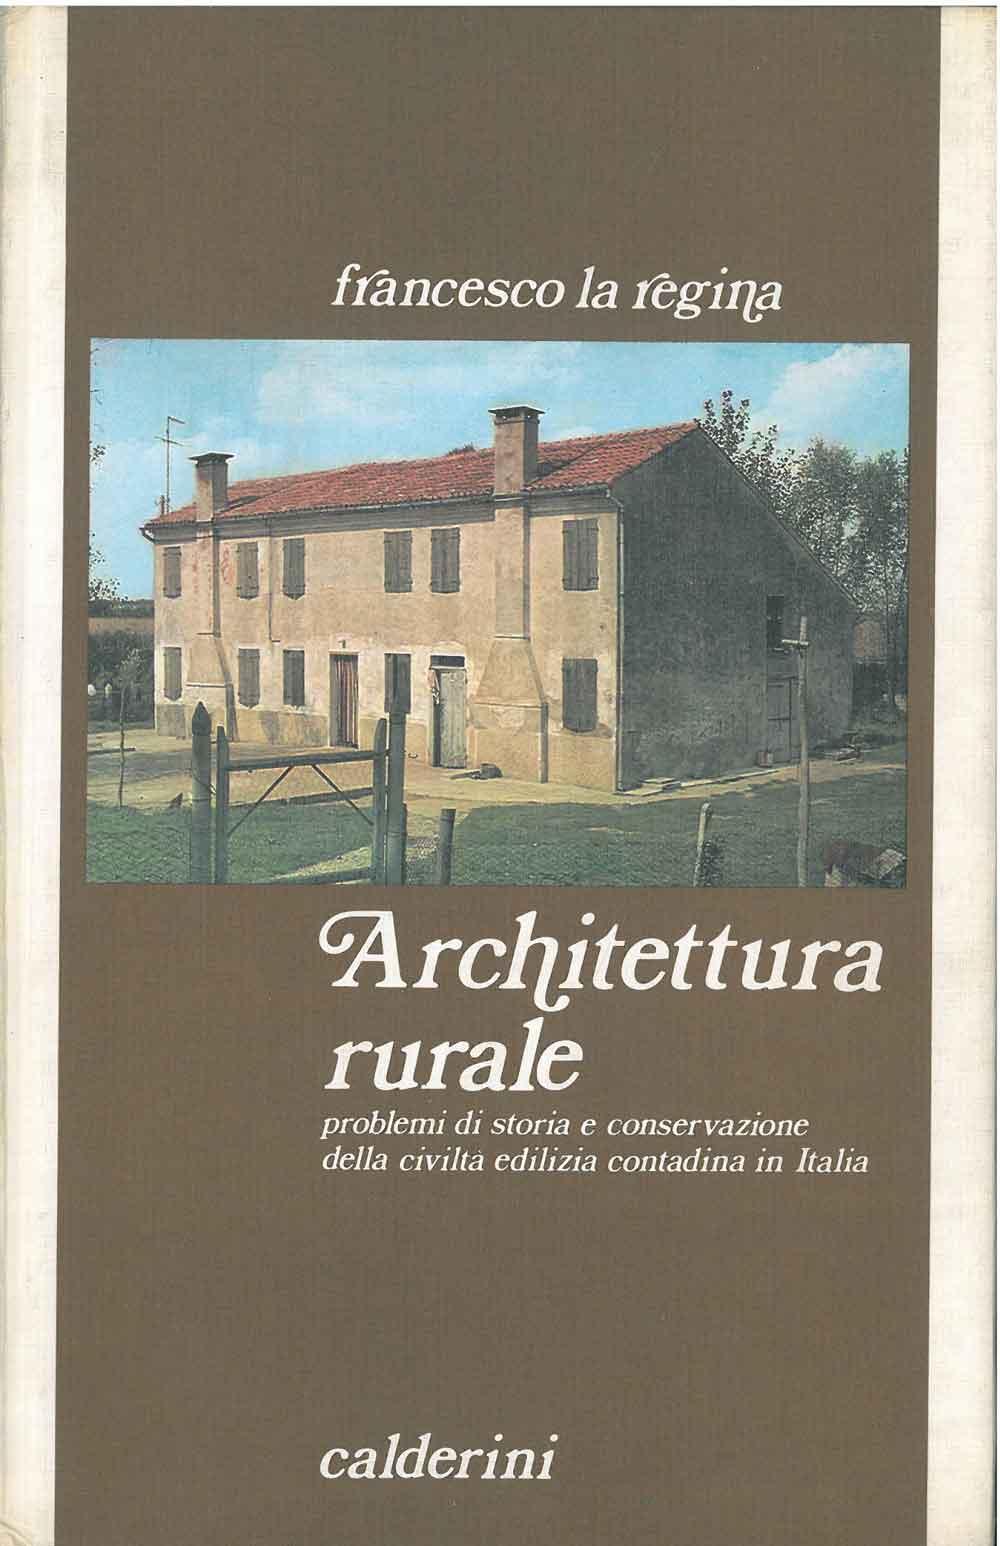 Architettura rurale. Problemi i storia e conservazione della civiltà edilizia contadina in Italia La Regina Francesco